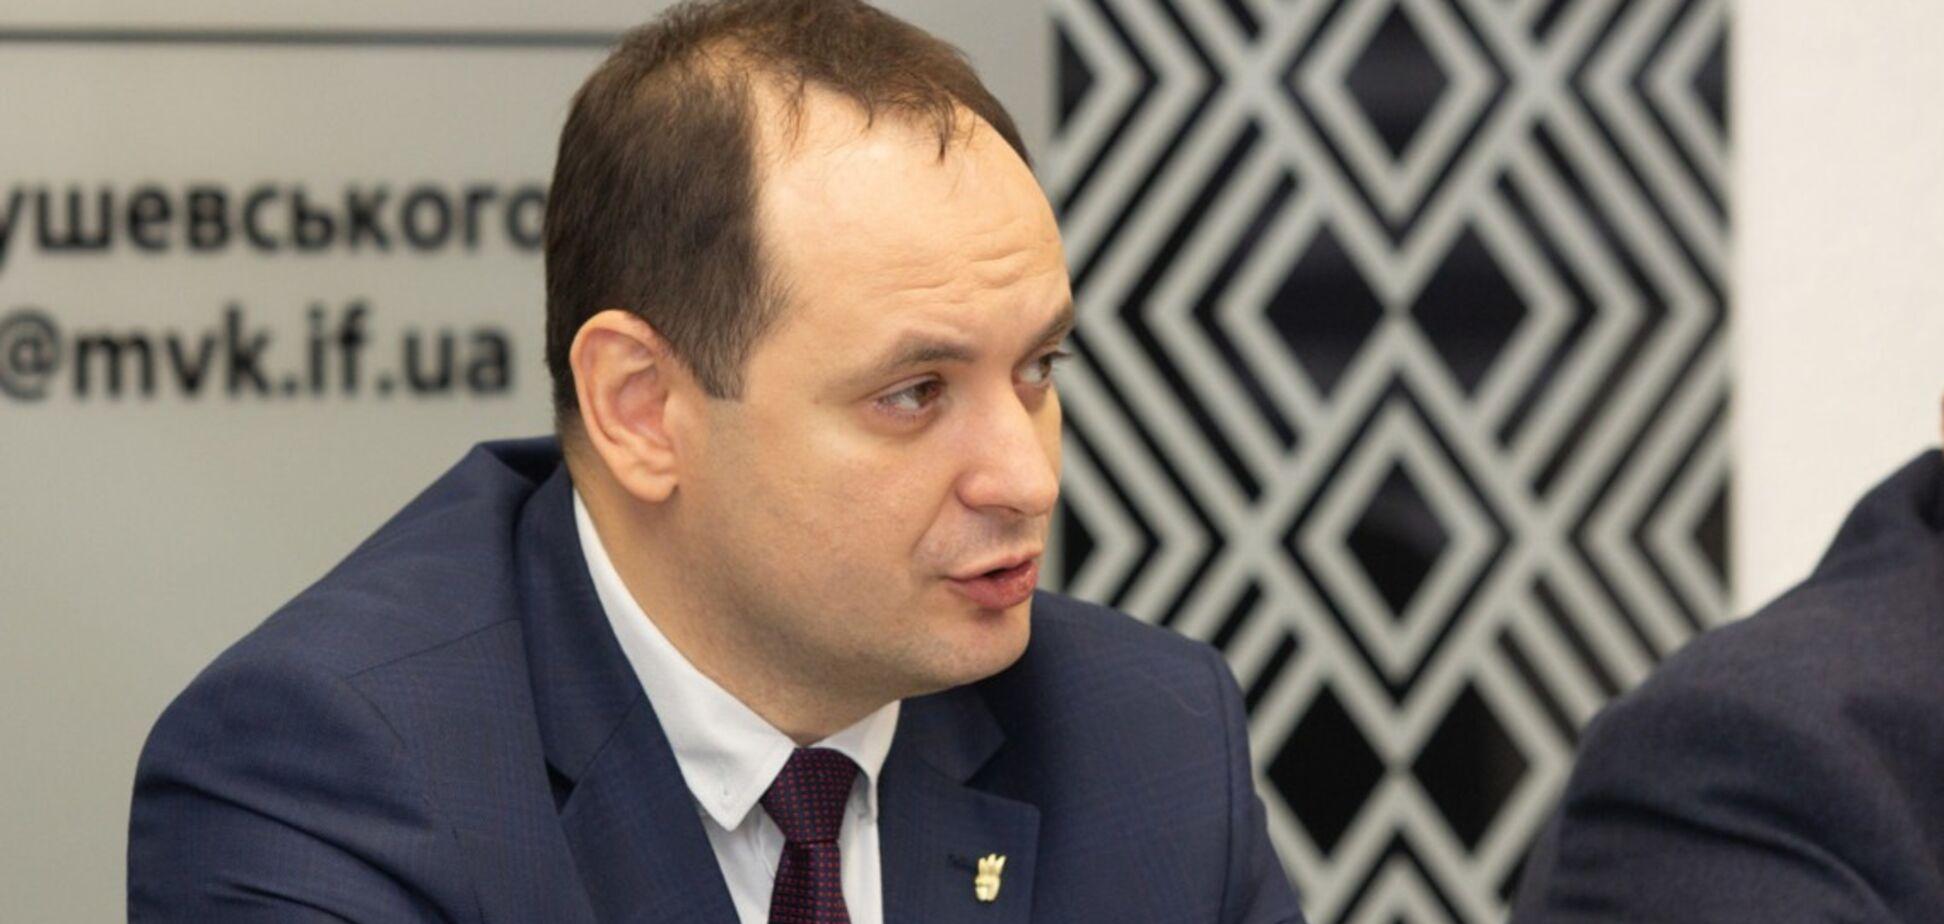 Мэр Ивано-Франковска попал в международный скандал из-за ромов: все подробности